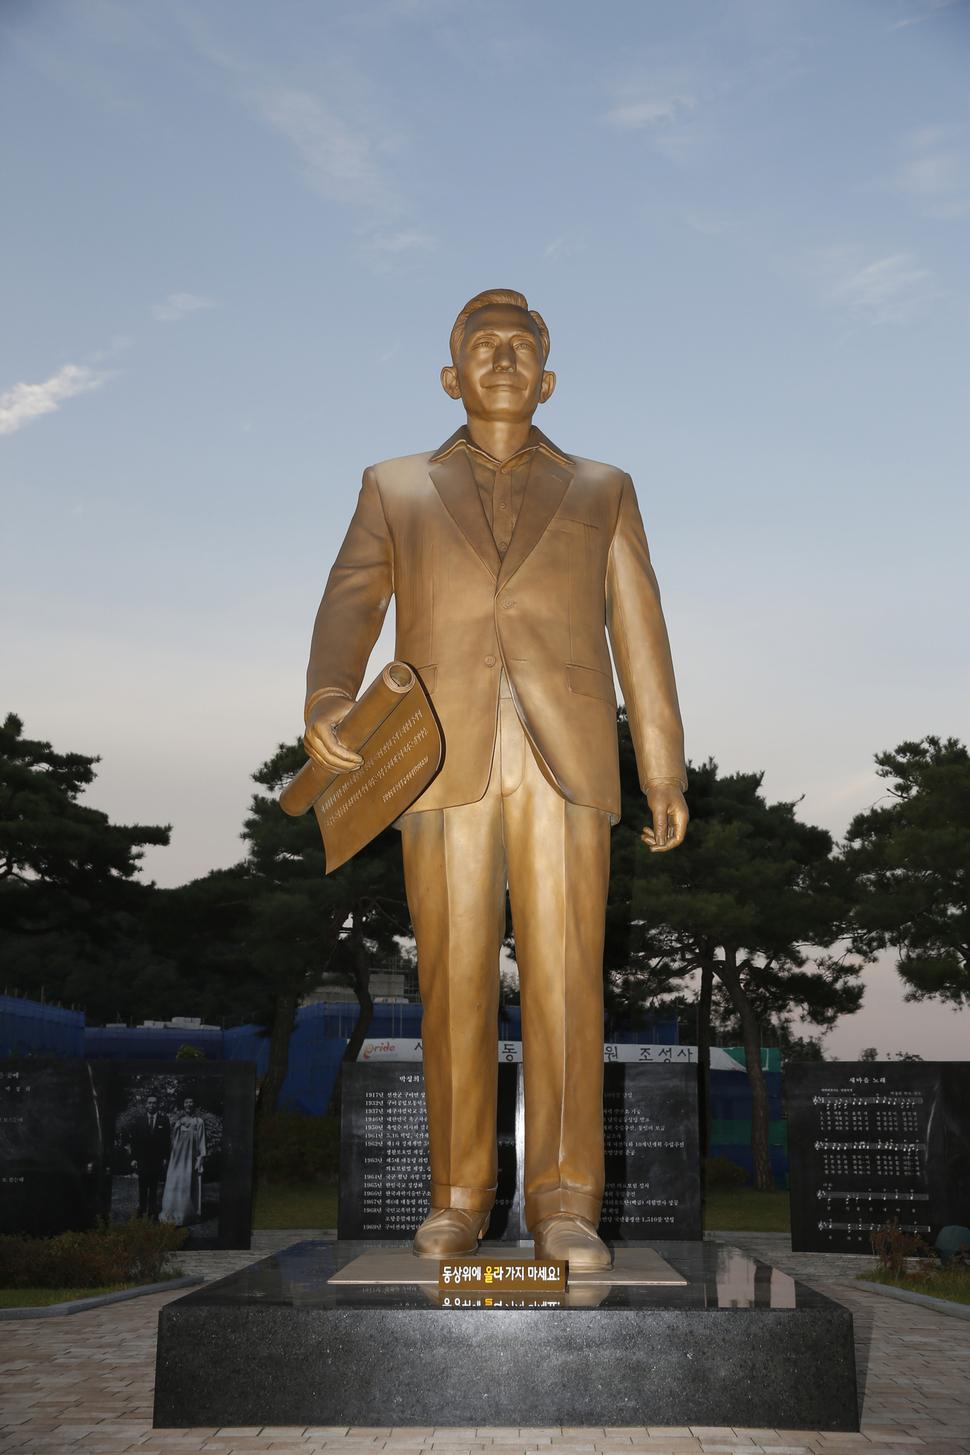 경북 구미시 상모동 박정희 전 대통령 생가 인근에 높이 5미터에 이르는 대형 박 전 대통령 동상이 서 있다. 구미/이정아 기자 leej@hani.co.kr